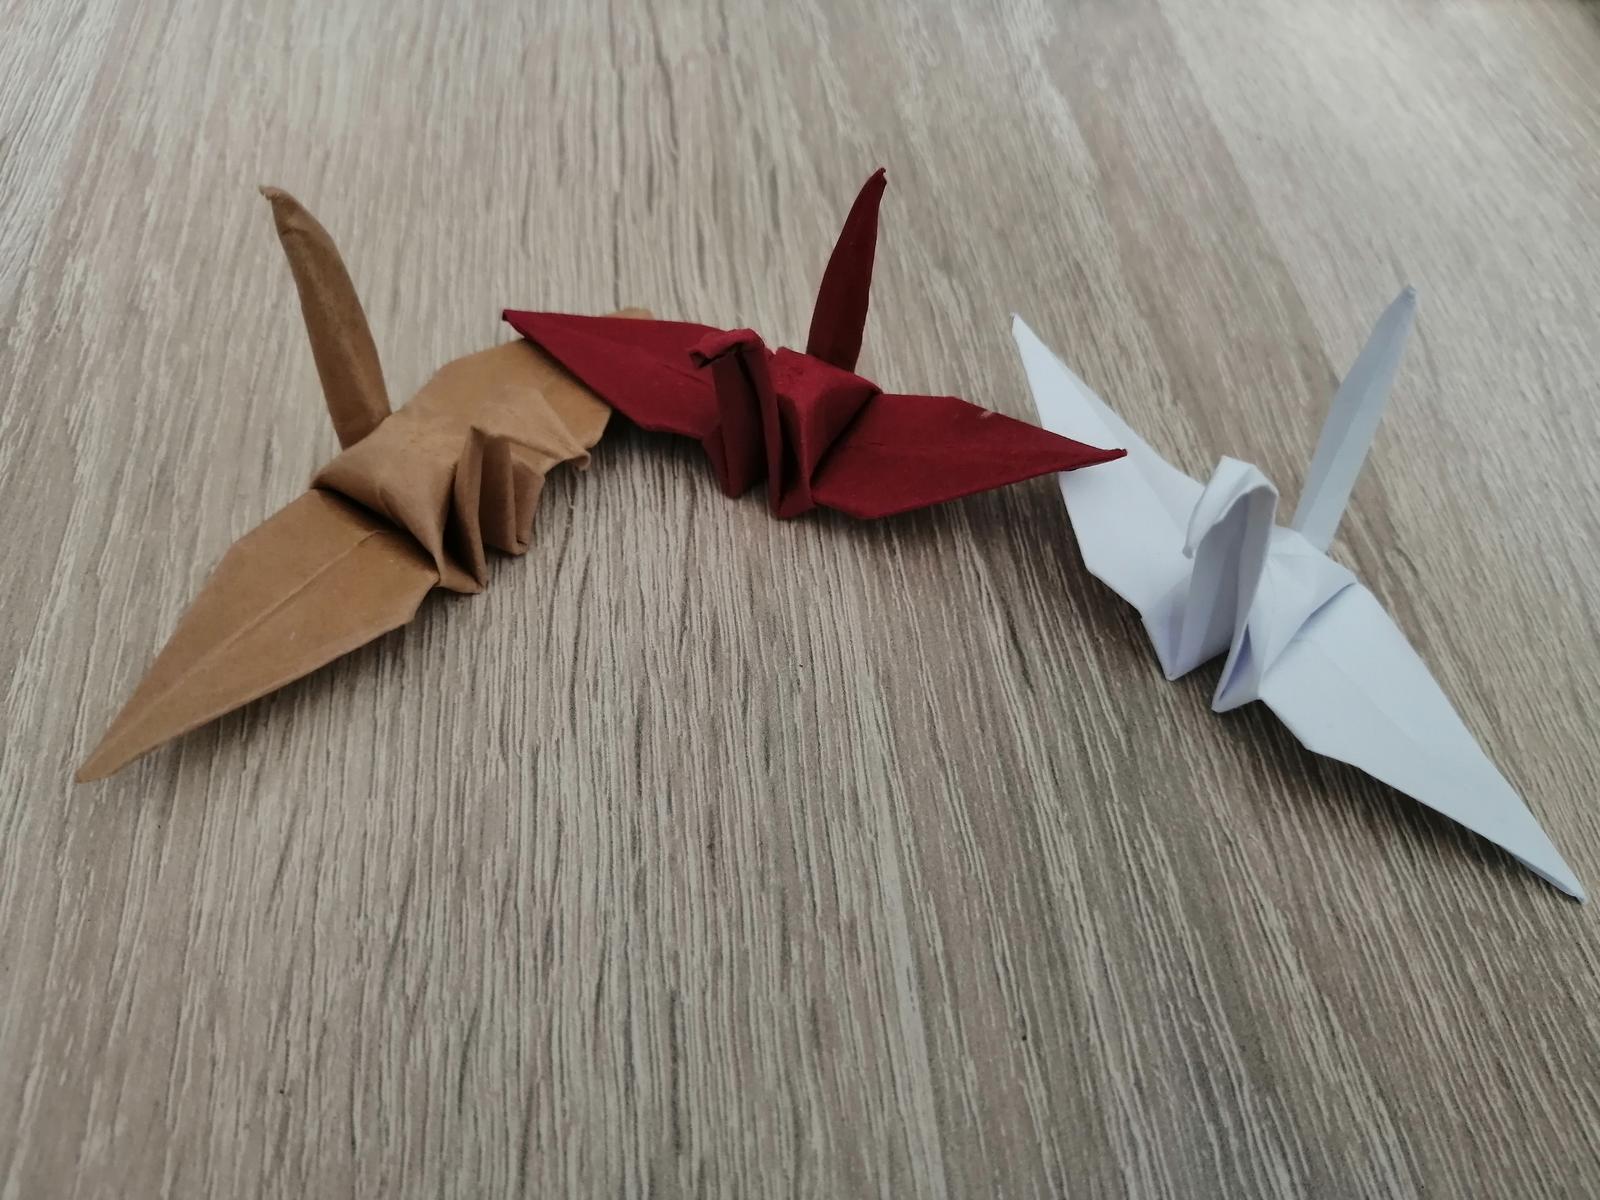 Origami vtačiky na stôl - Obrázok č. 1